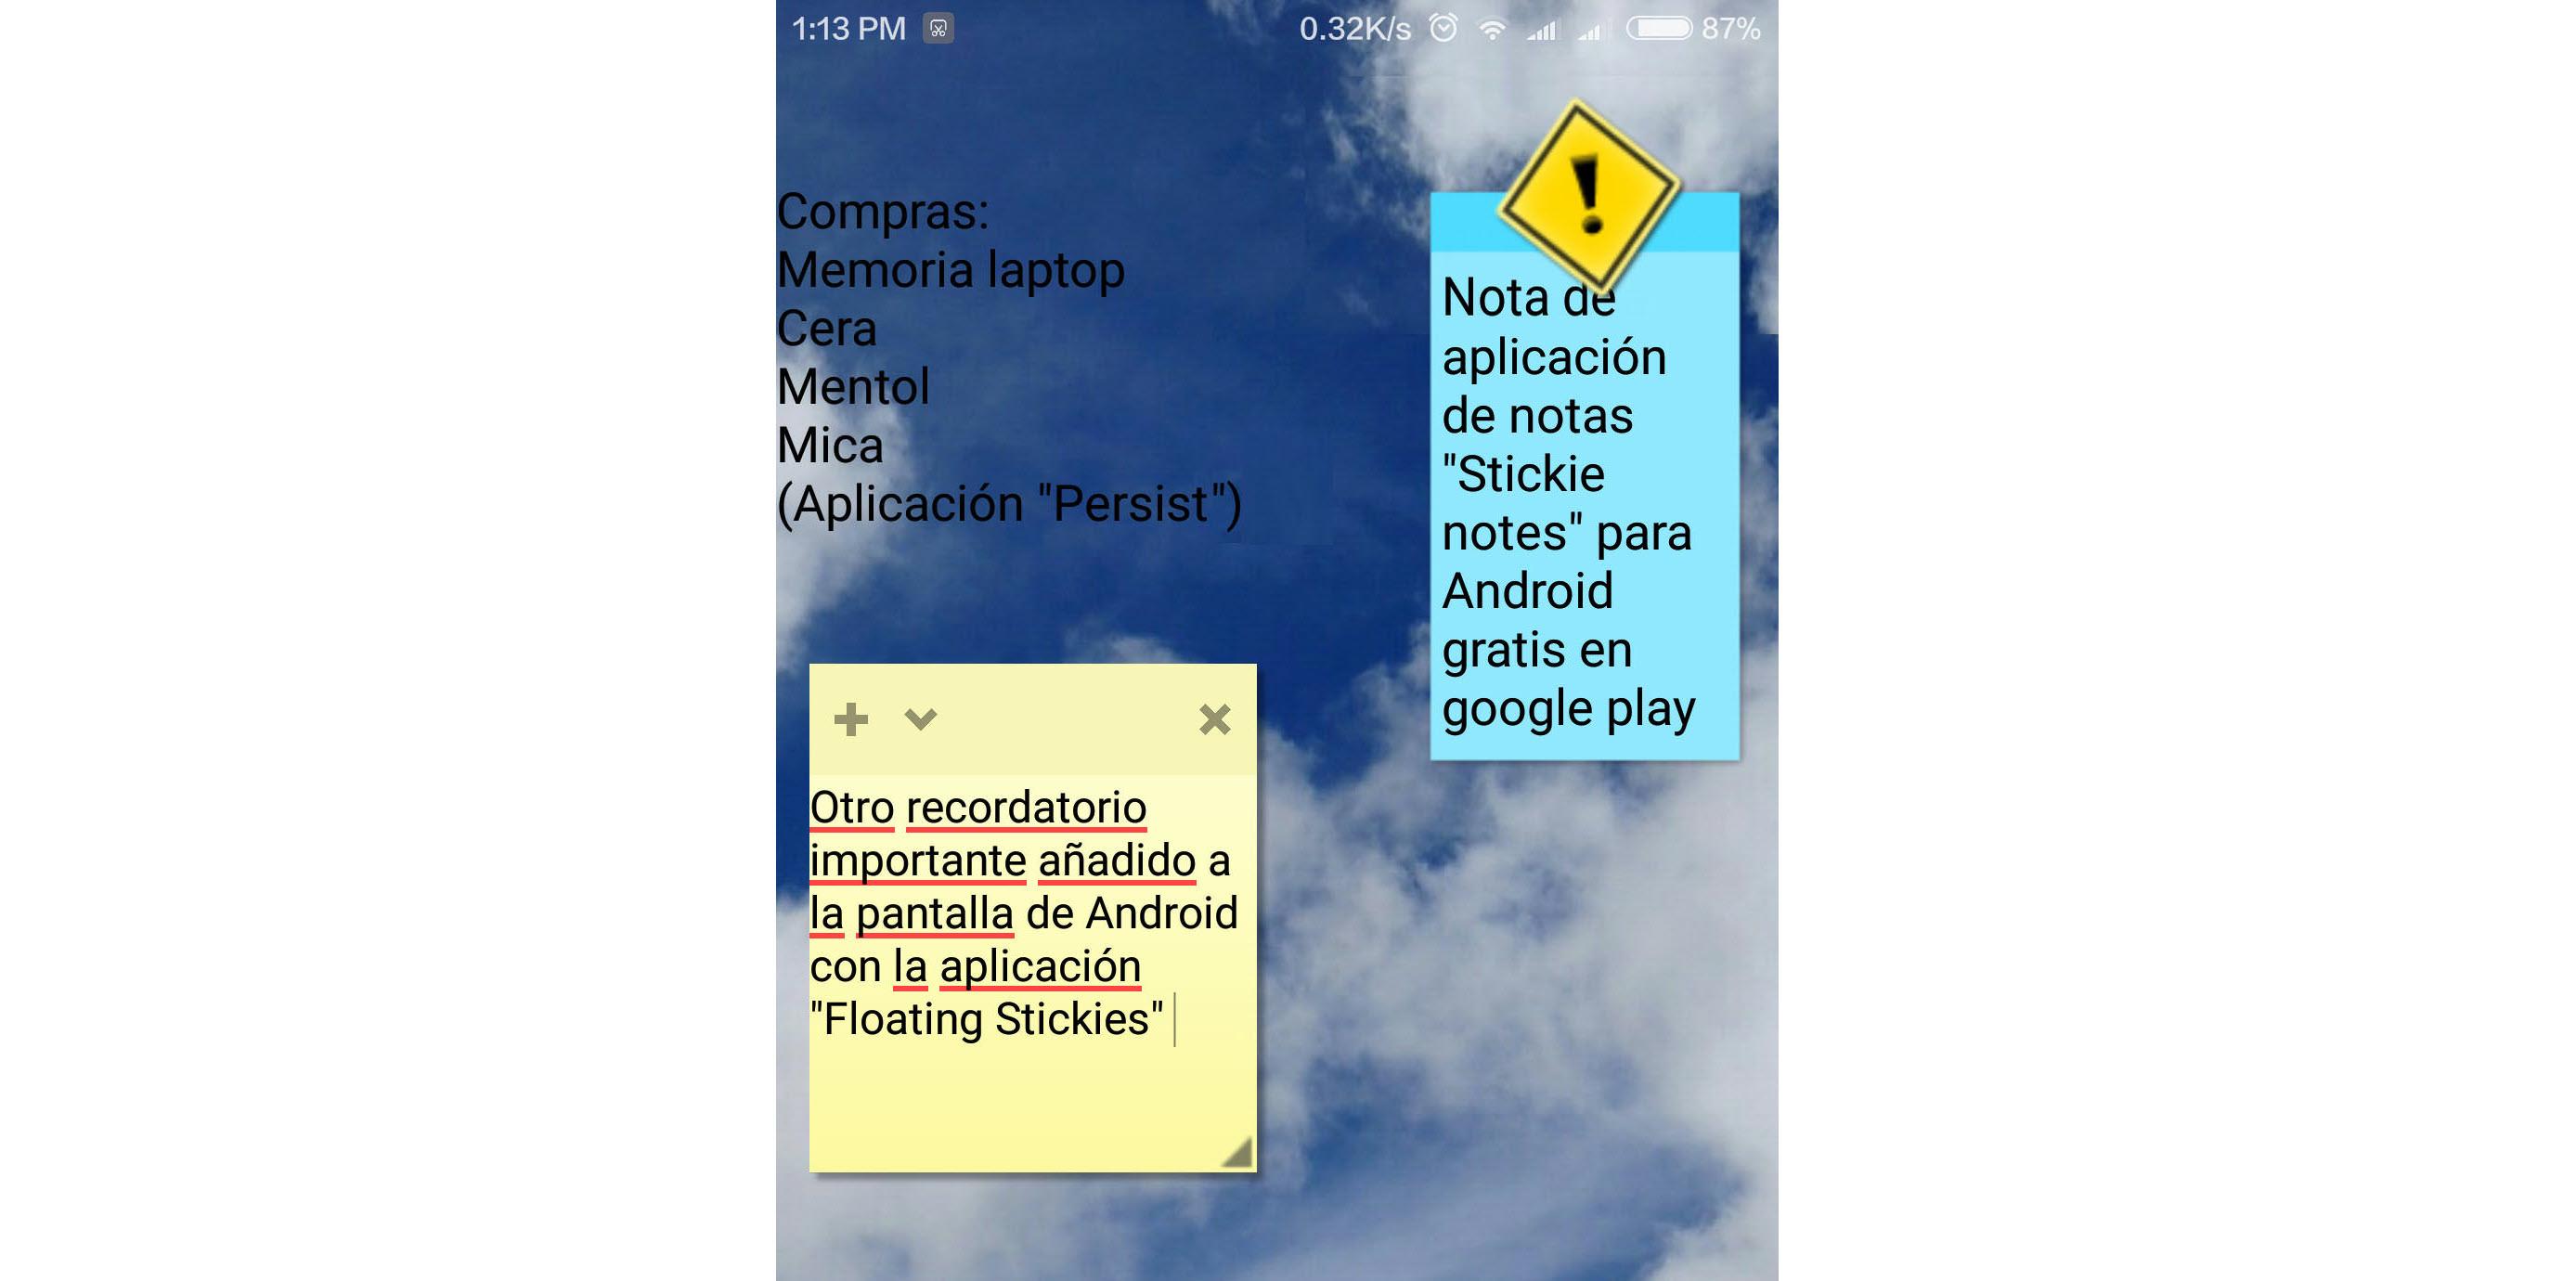 Cómo poner notas en la pantalla del celular